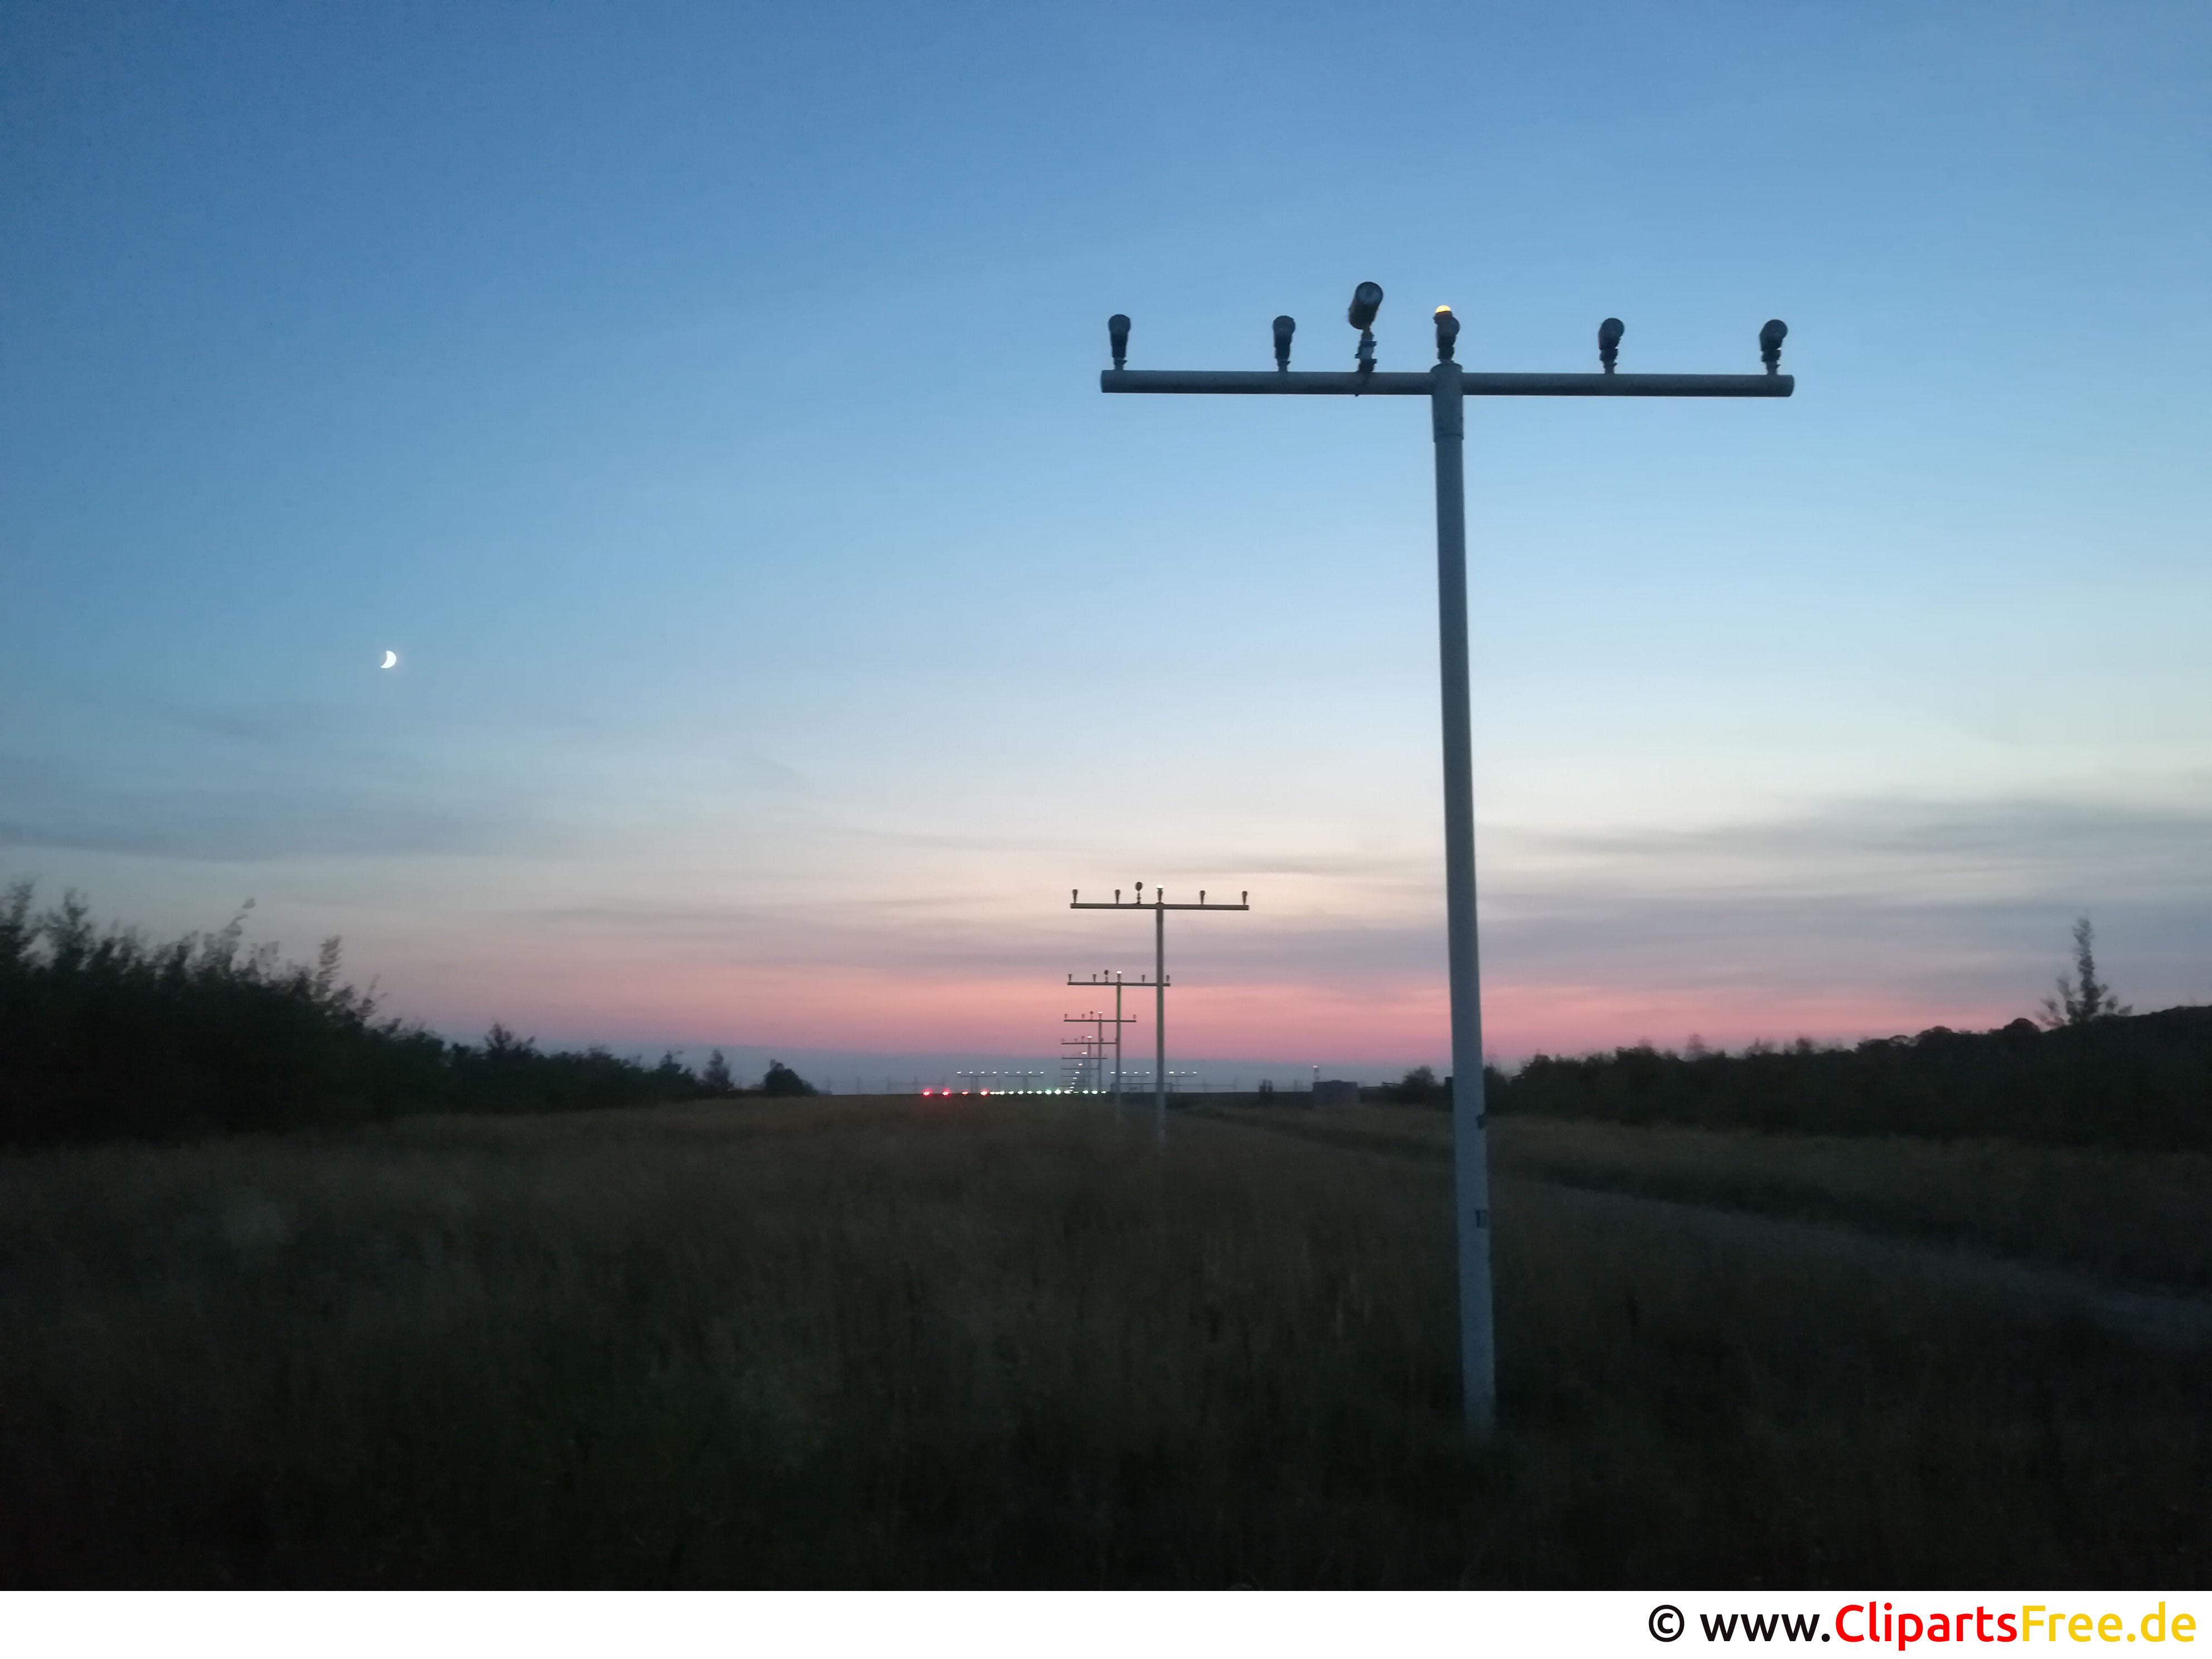 Sonnenuntergang am Flughafen Bild, Foto, Hintergrundbild kostenlos